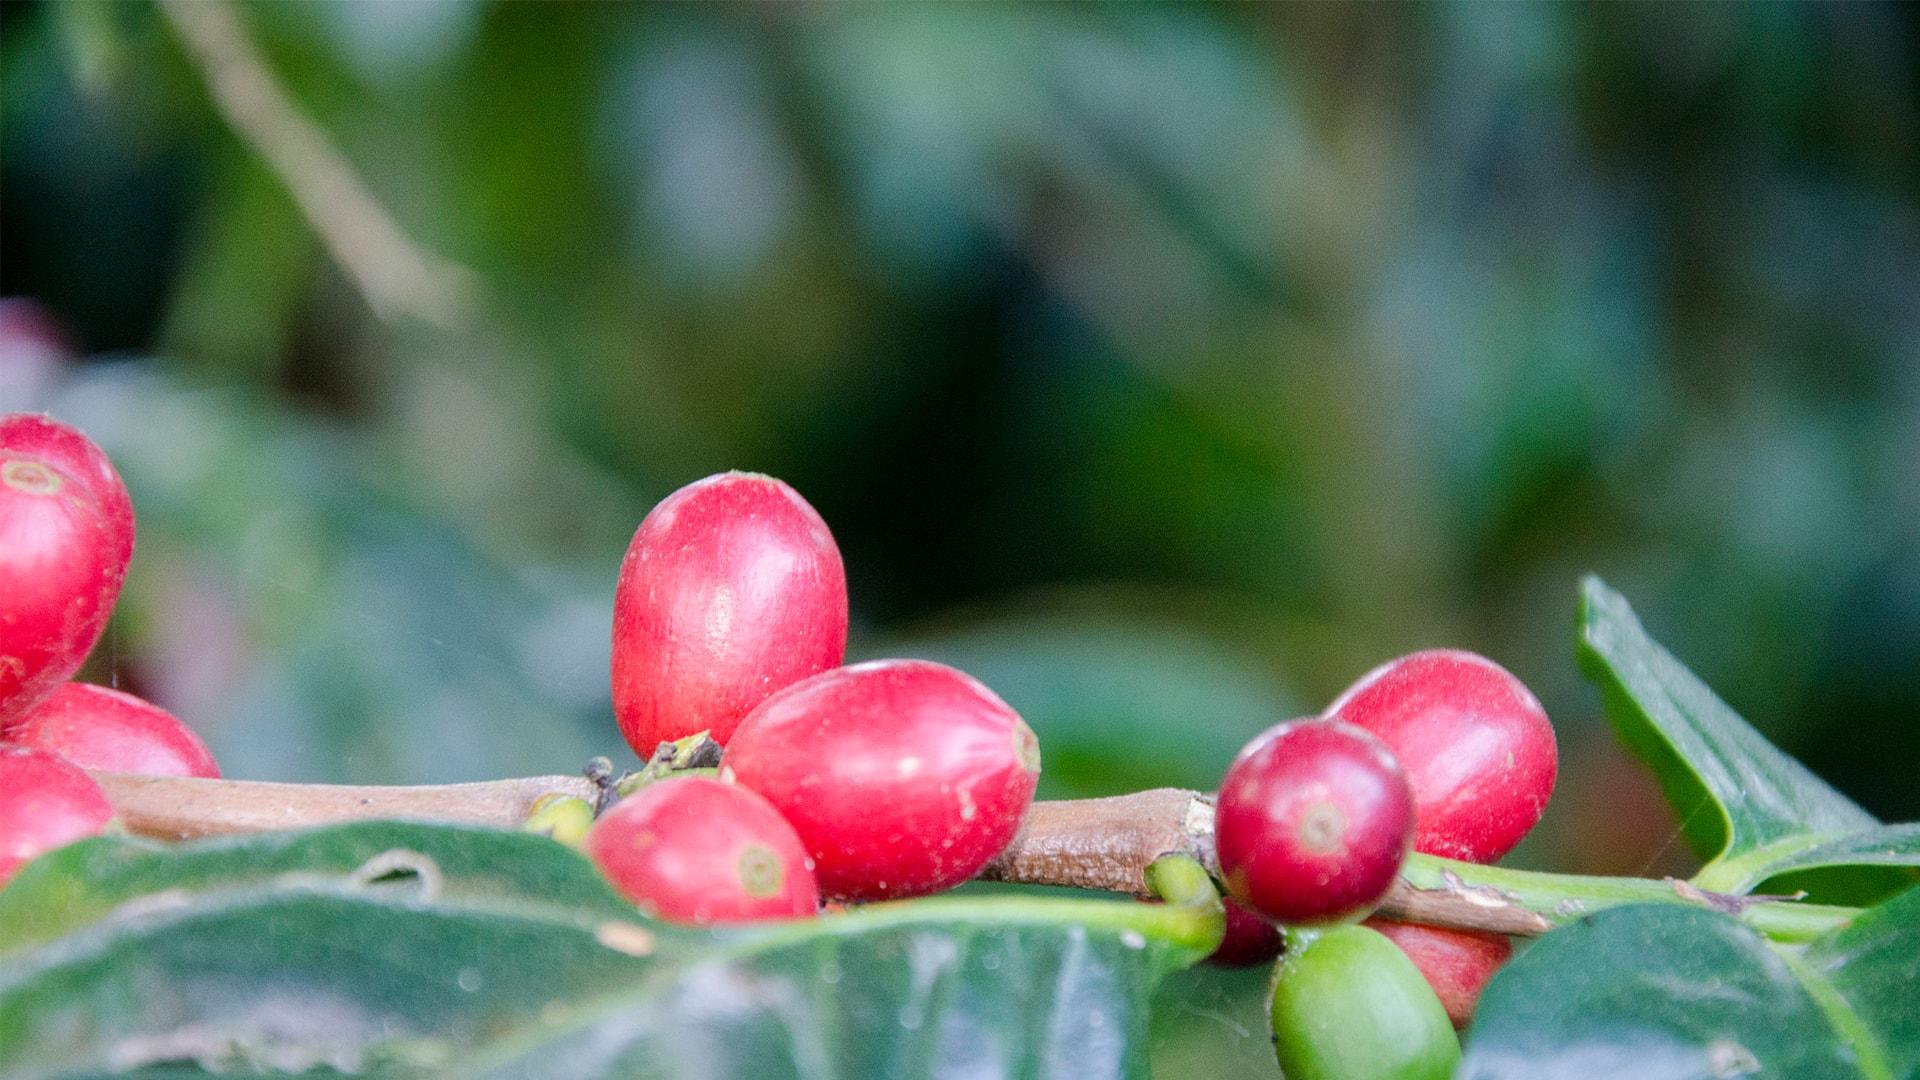 Anbassa-artisan-torrefacteur-arbre-le-cafeier-lhistoire-de-ses-varietes-slide-2-2-min